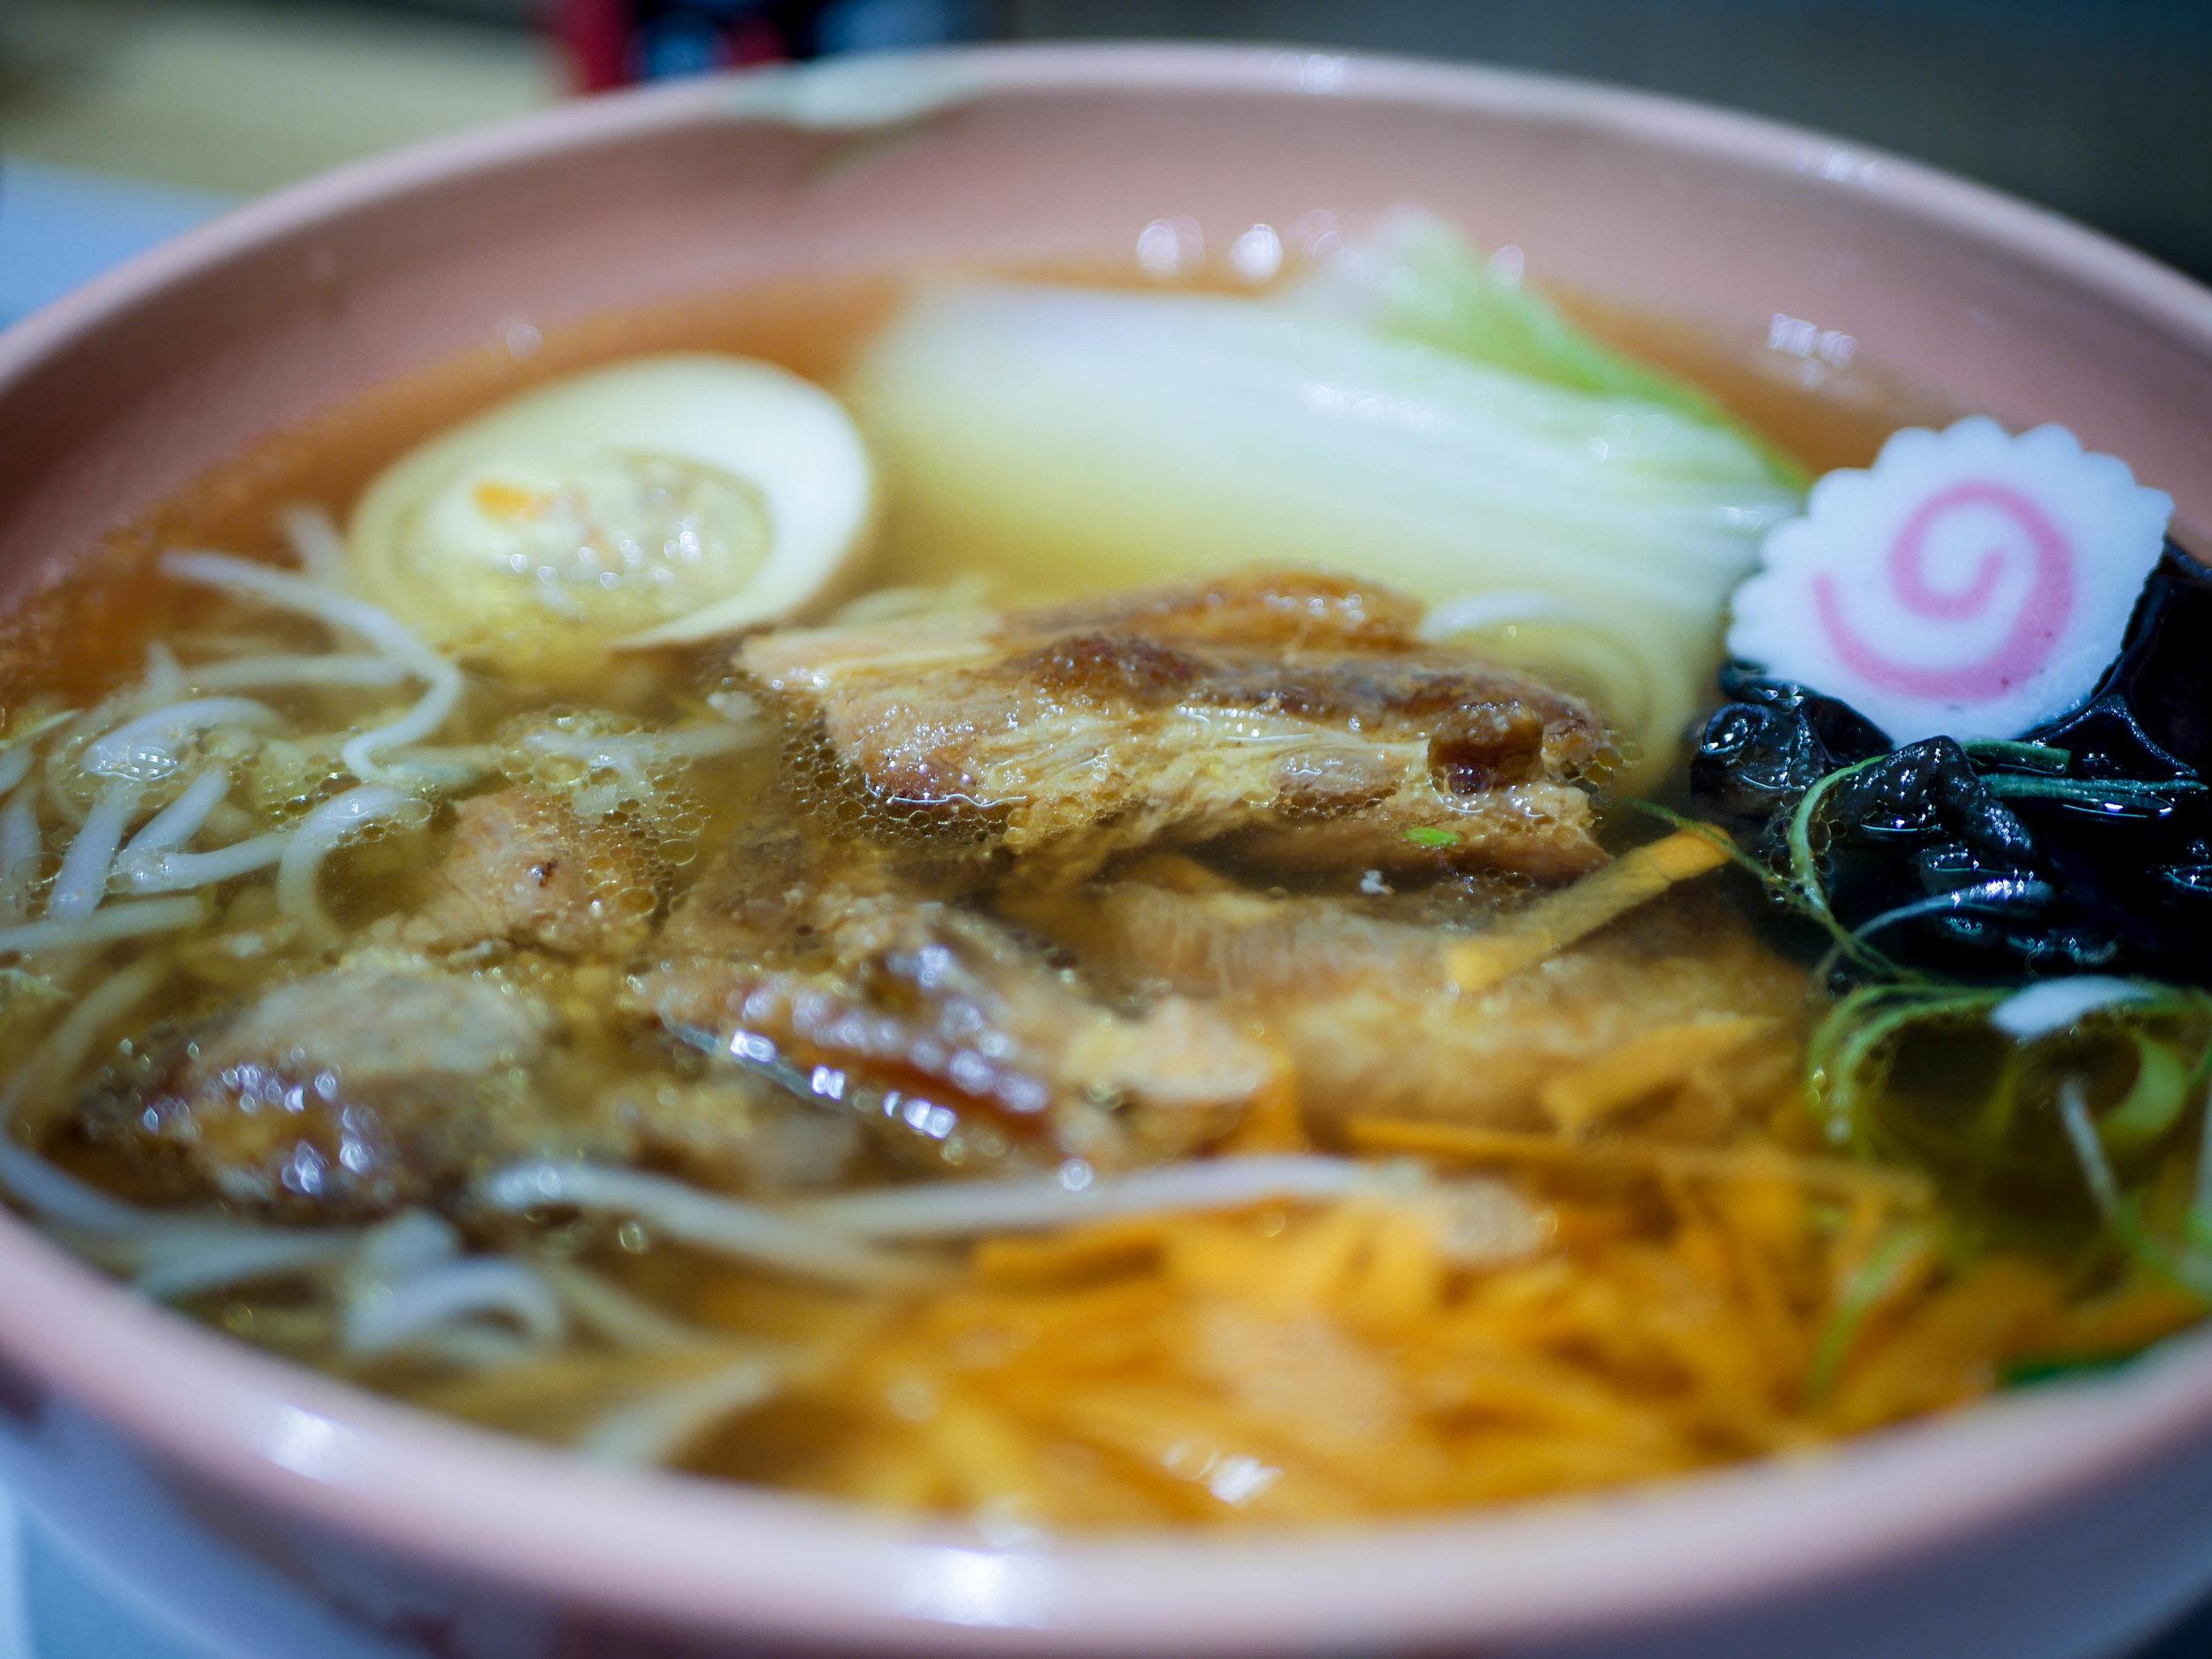 Pork based soup, noodle, chashu, egg, carrot, seasonal vegetables, naruto, shallot, wood ear mushroom, bean sprouts.